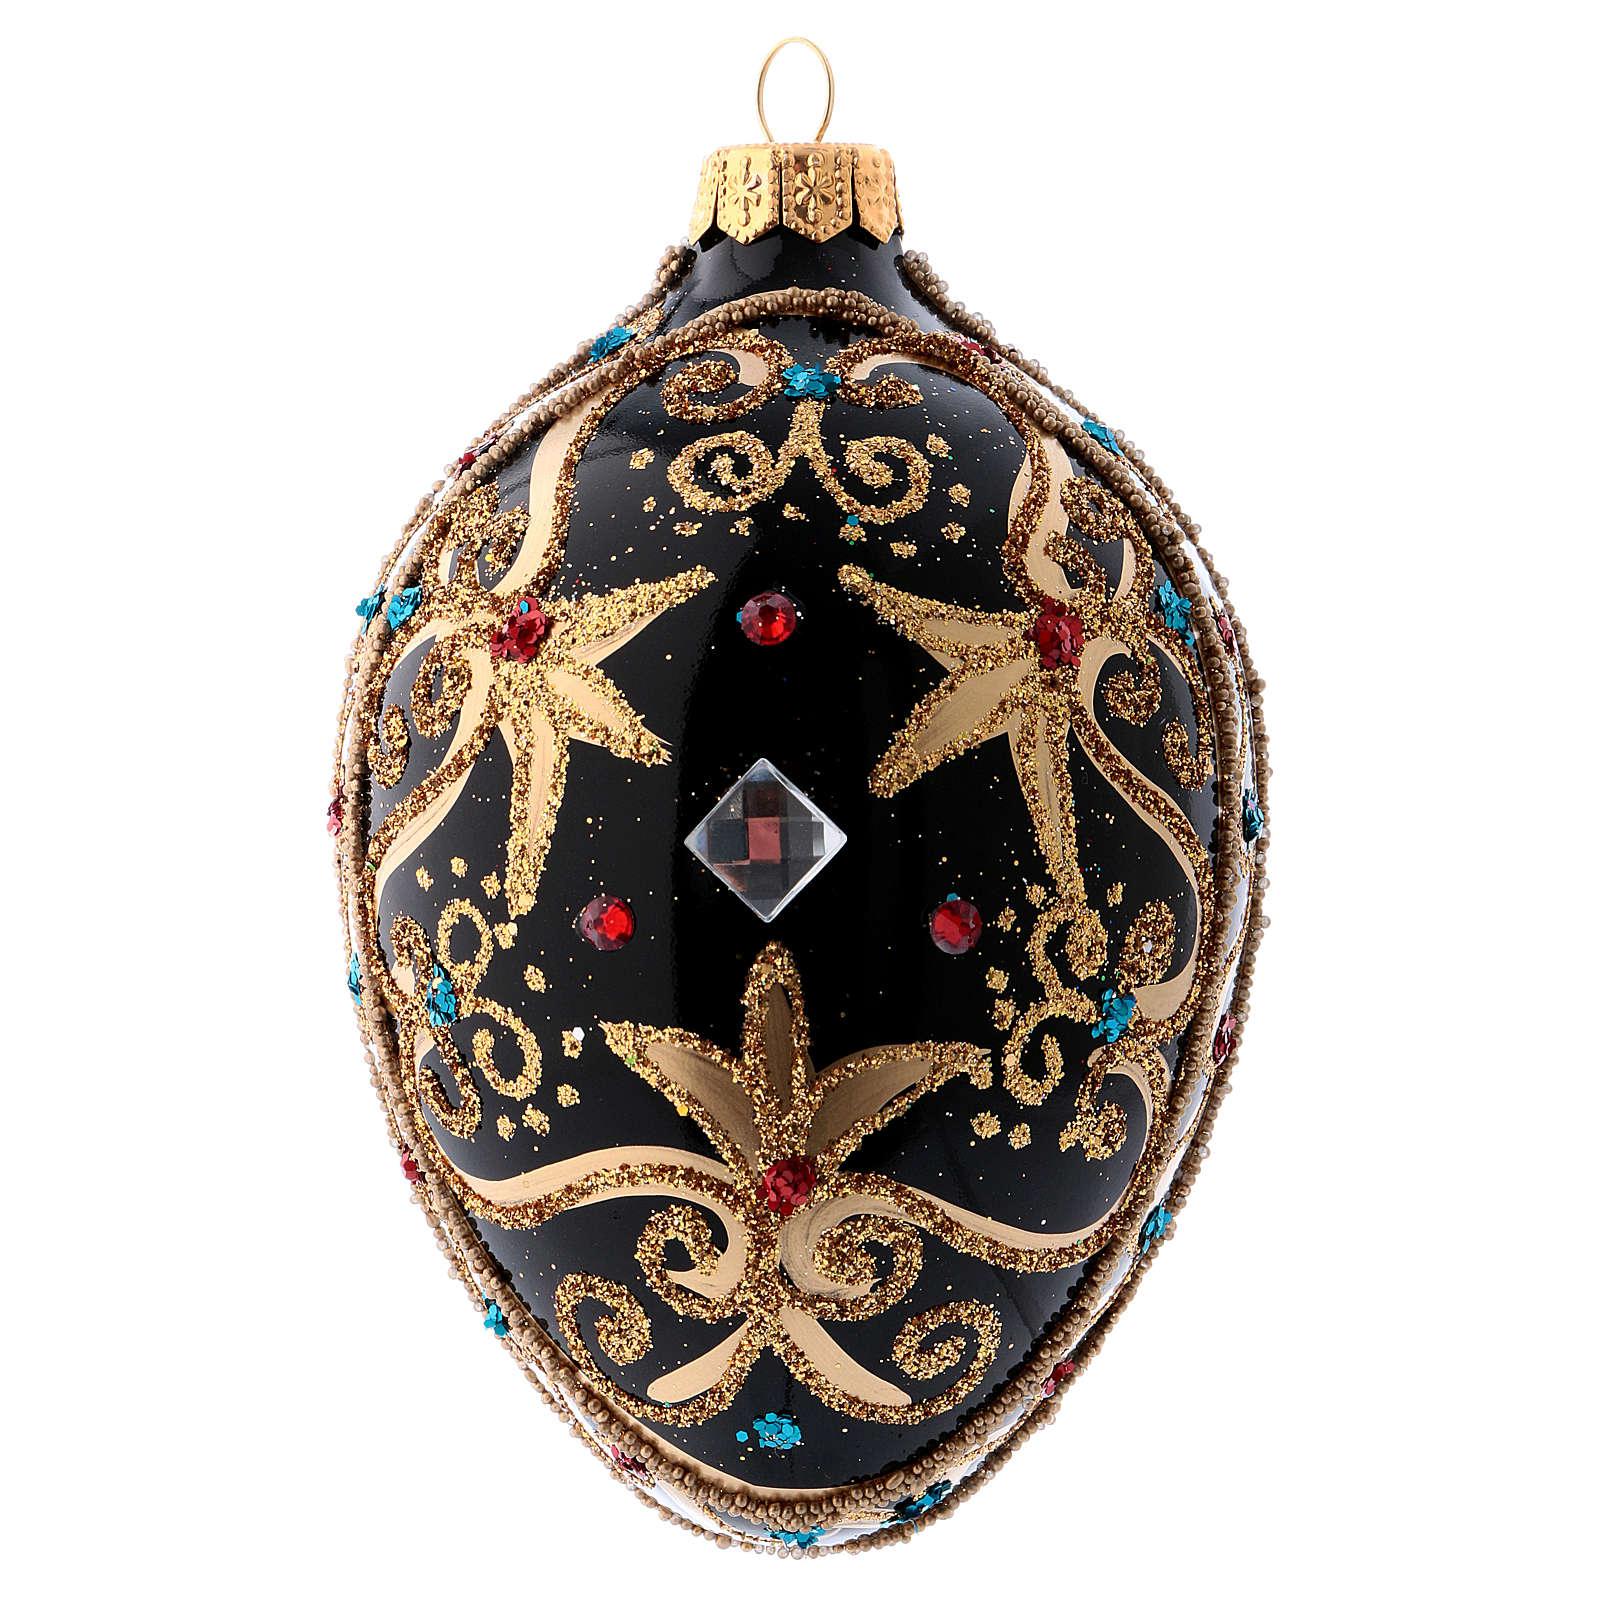 Bola de Navidad oval de vidrio negro y oro y  piedras rojas 130 mm 4